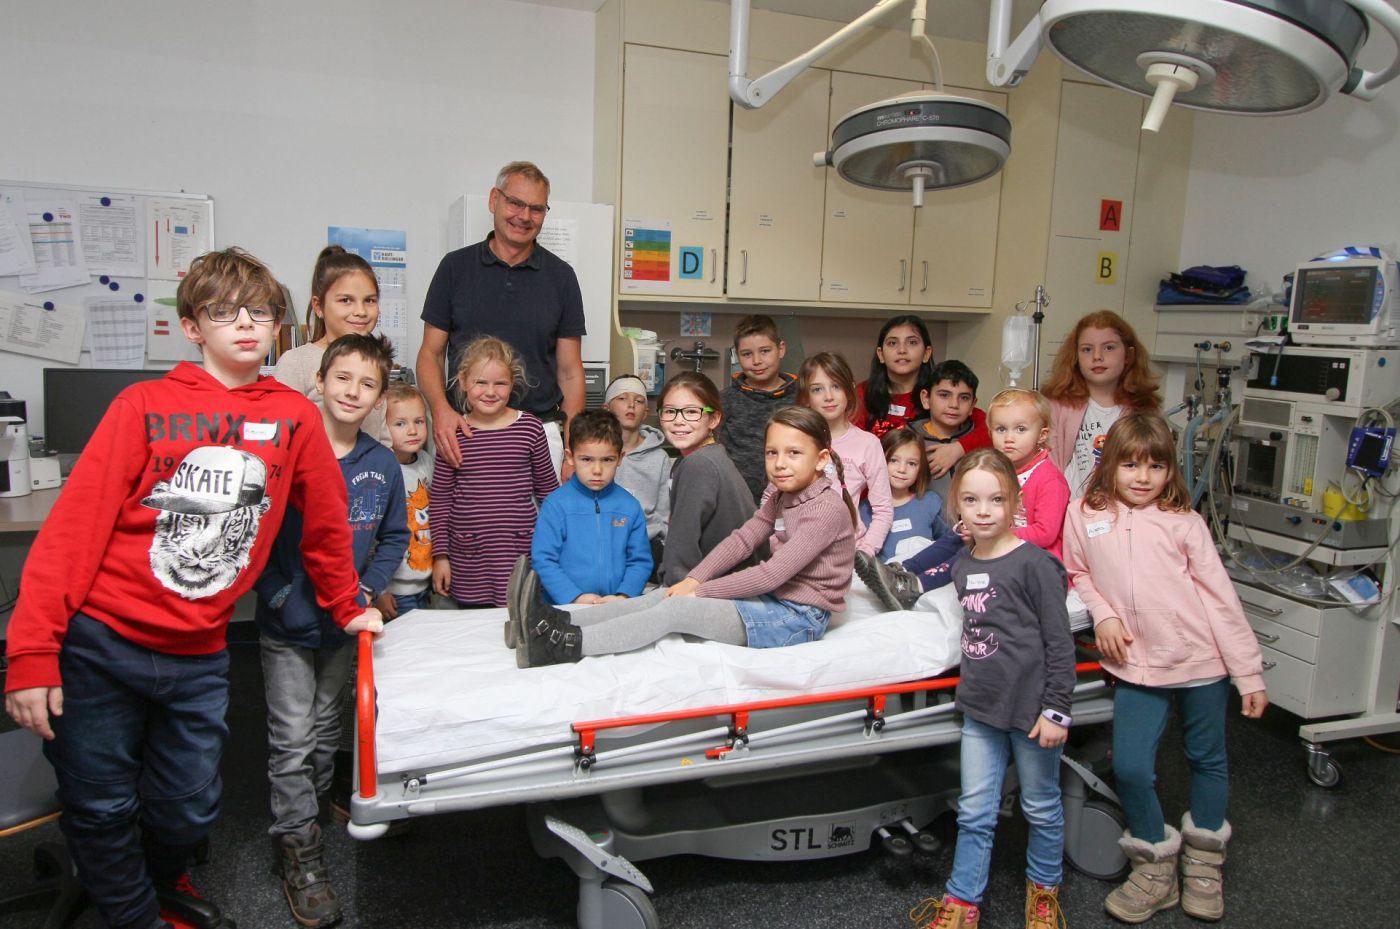 Viel Interessantes erfuhren die Kinder, hier Gruppe 2, im Schockraum vom Leitenden Notarzt Dr. med. Wolfgang Stuchlik und Petra Schärtl, Leiterin der chirurgischen Ambulanz und der Station 1 (nicht im Bild).